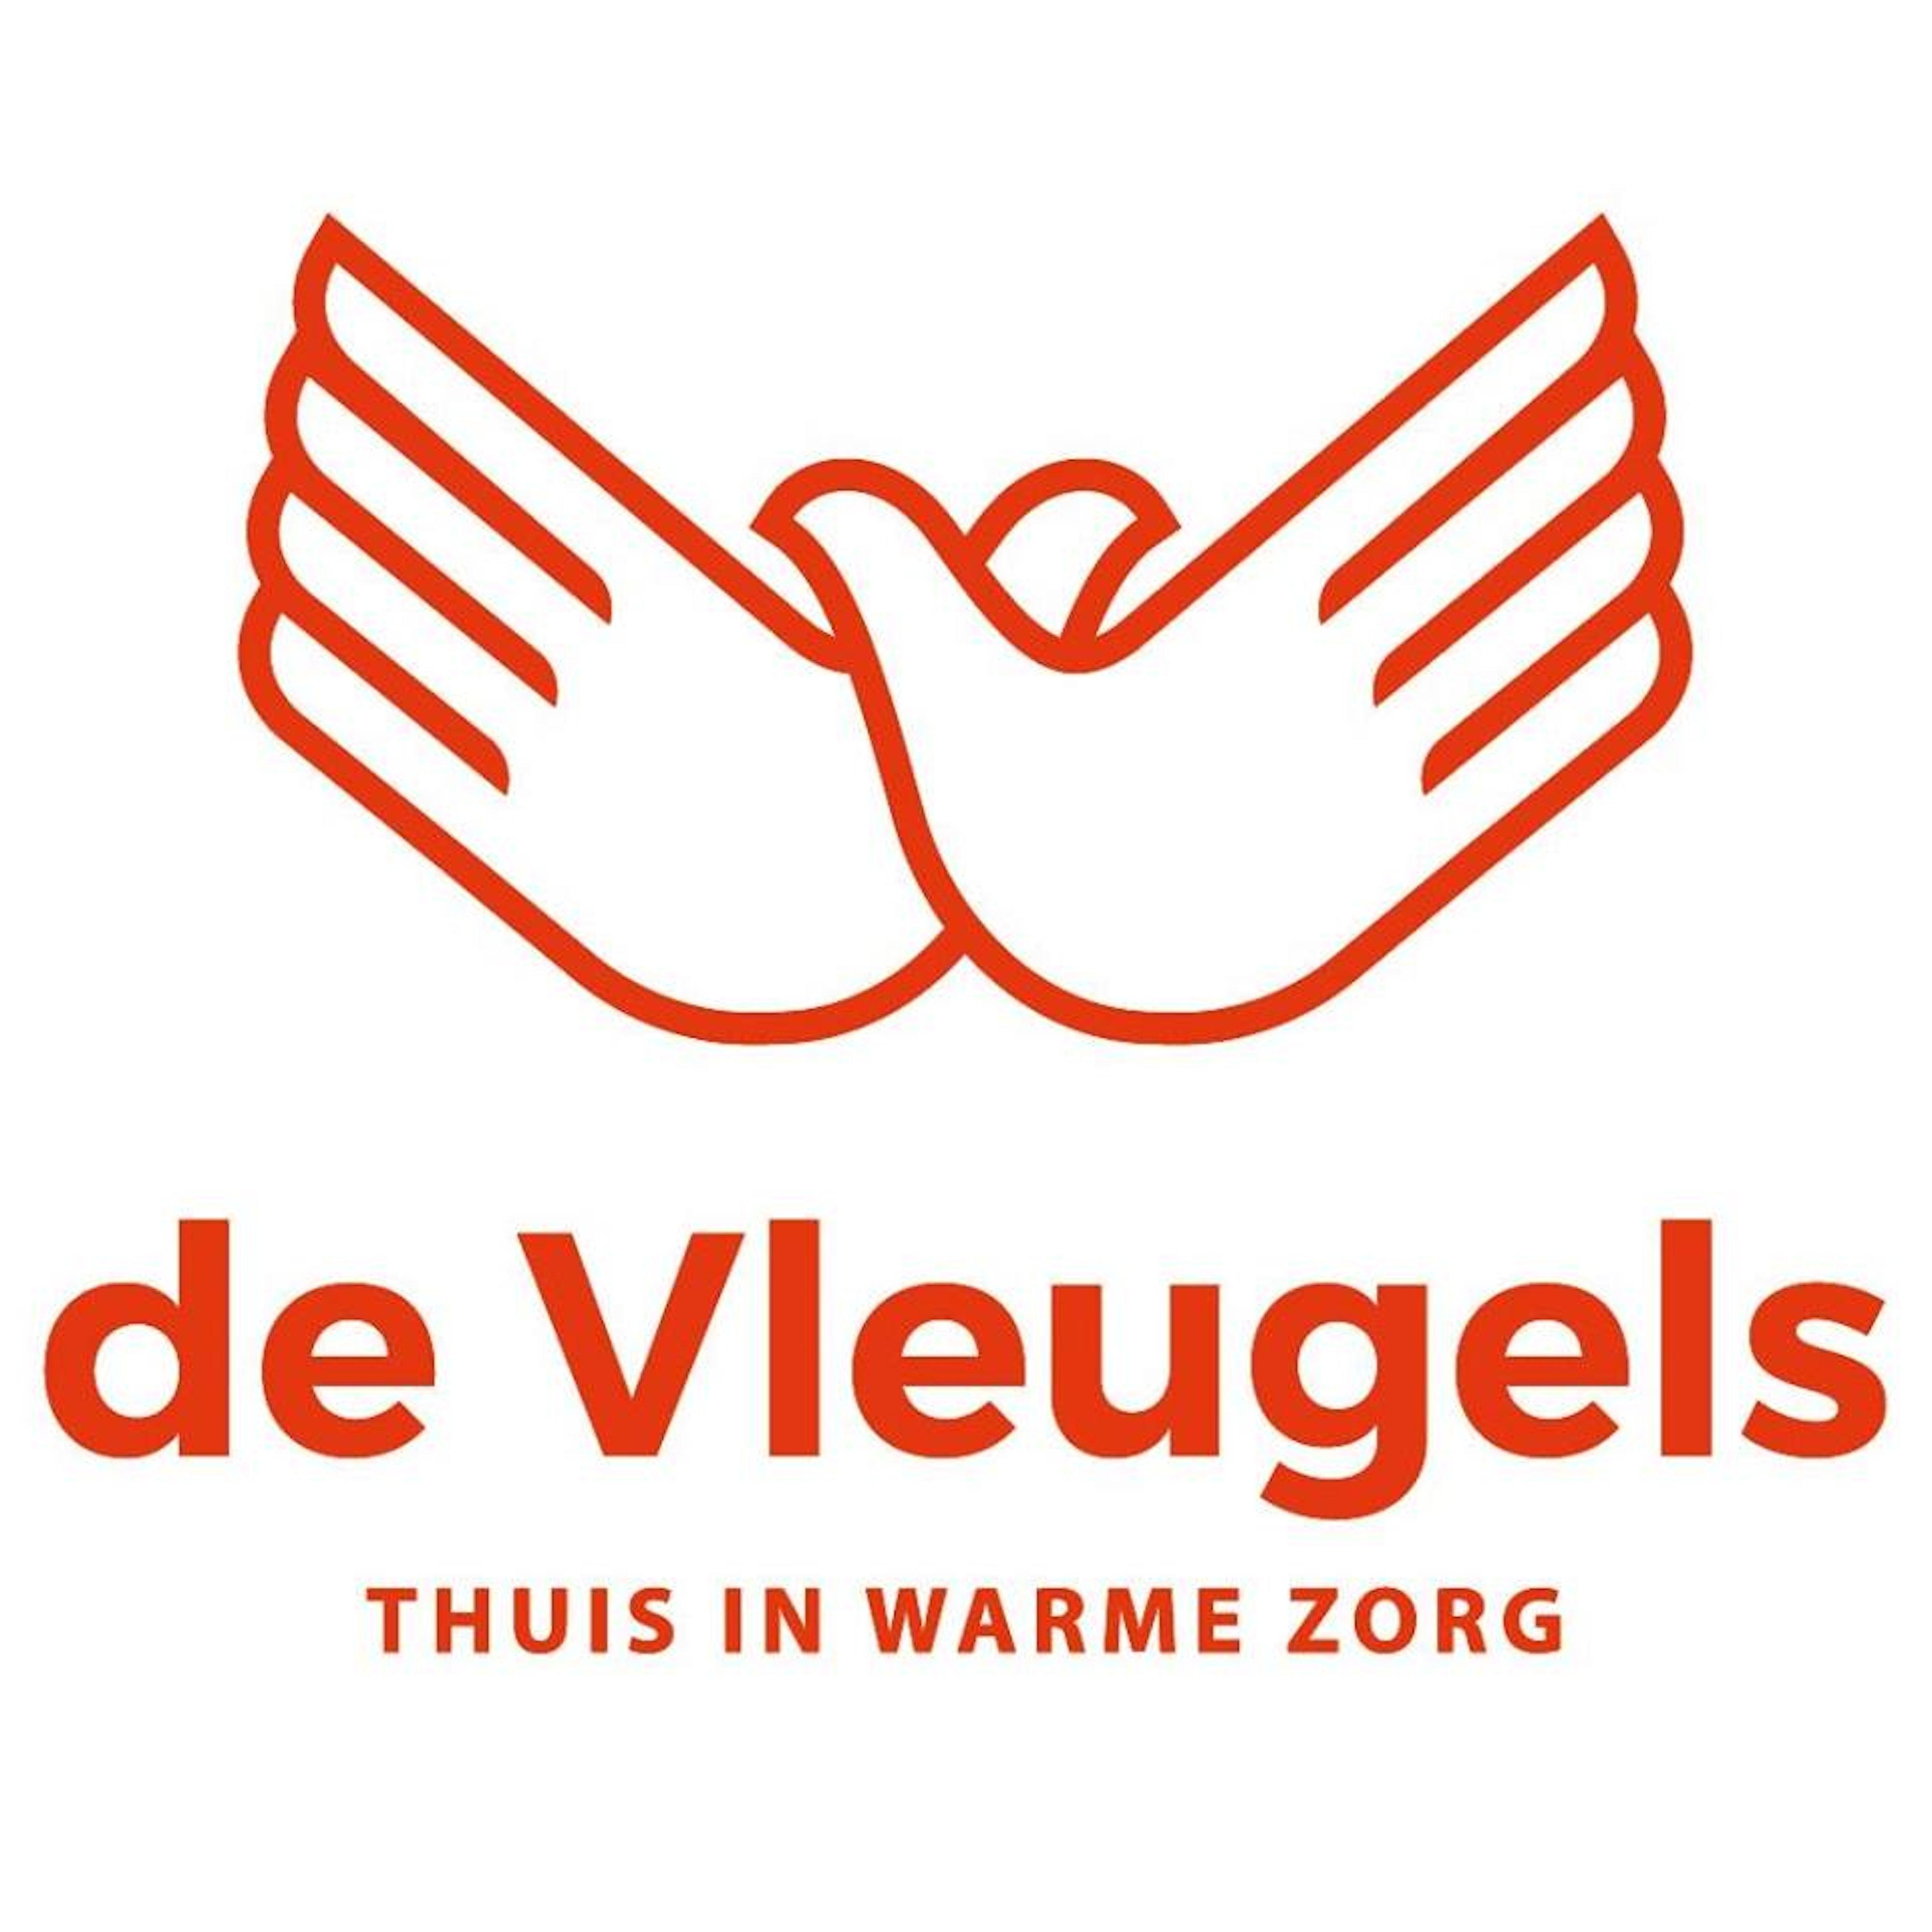 De vleugels logo